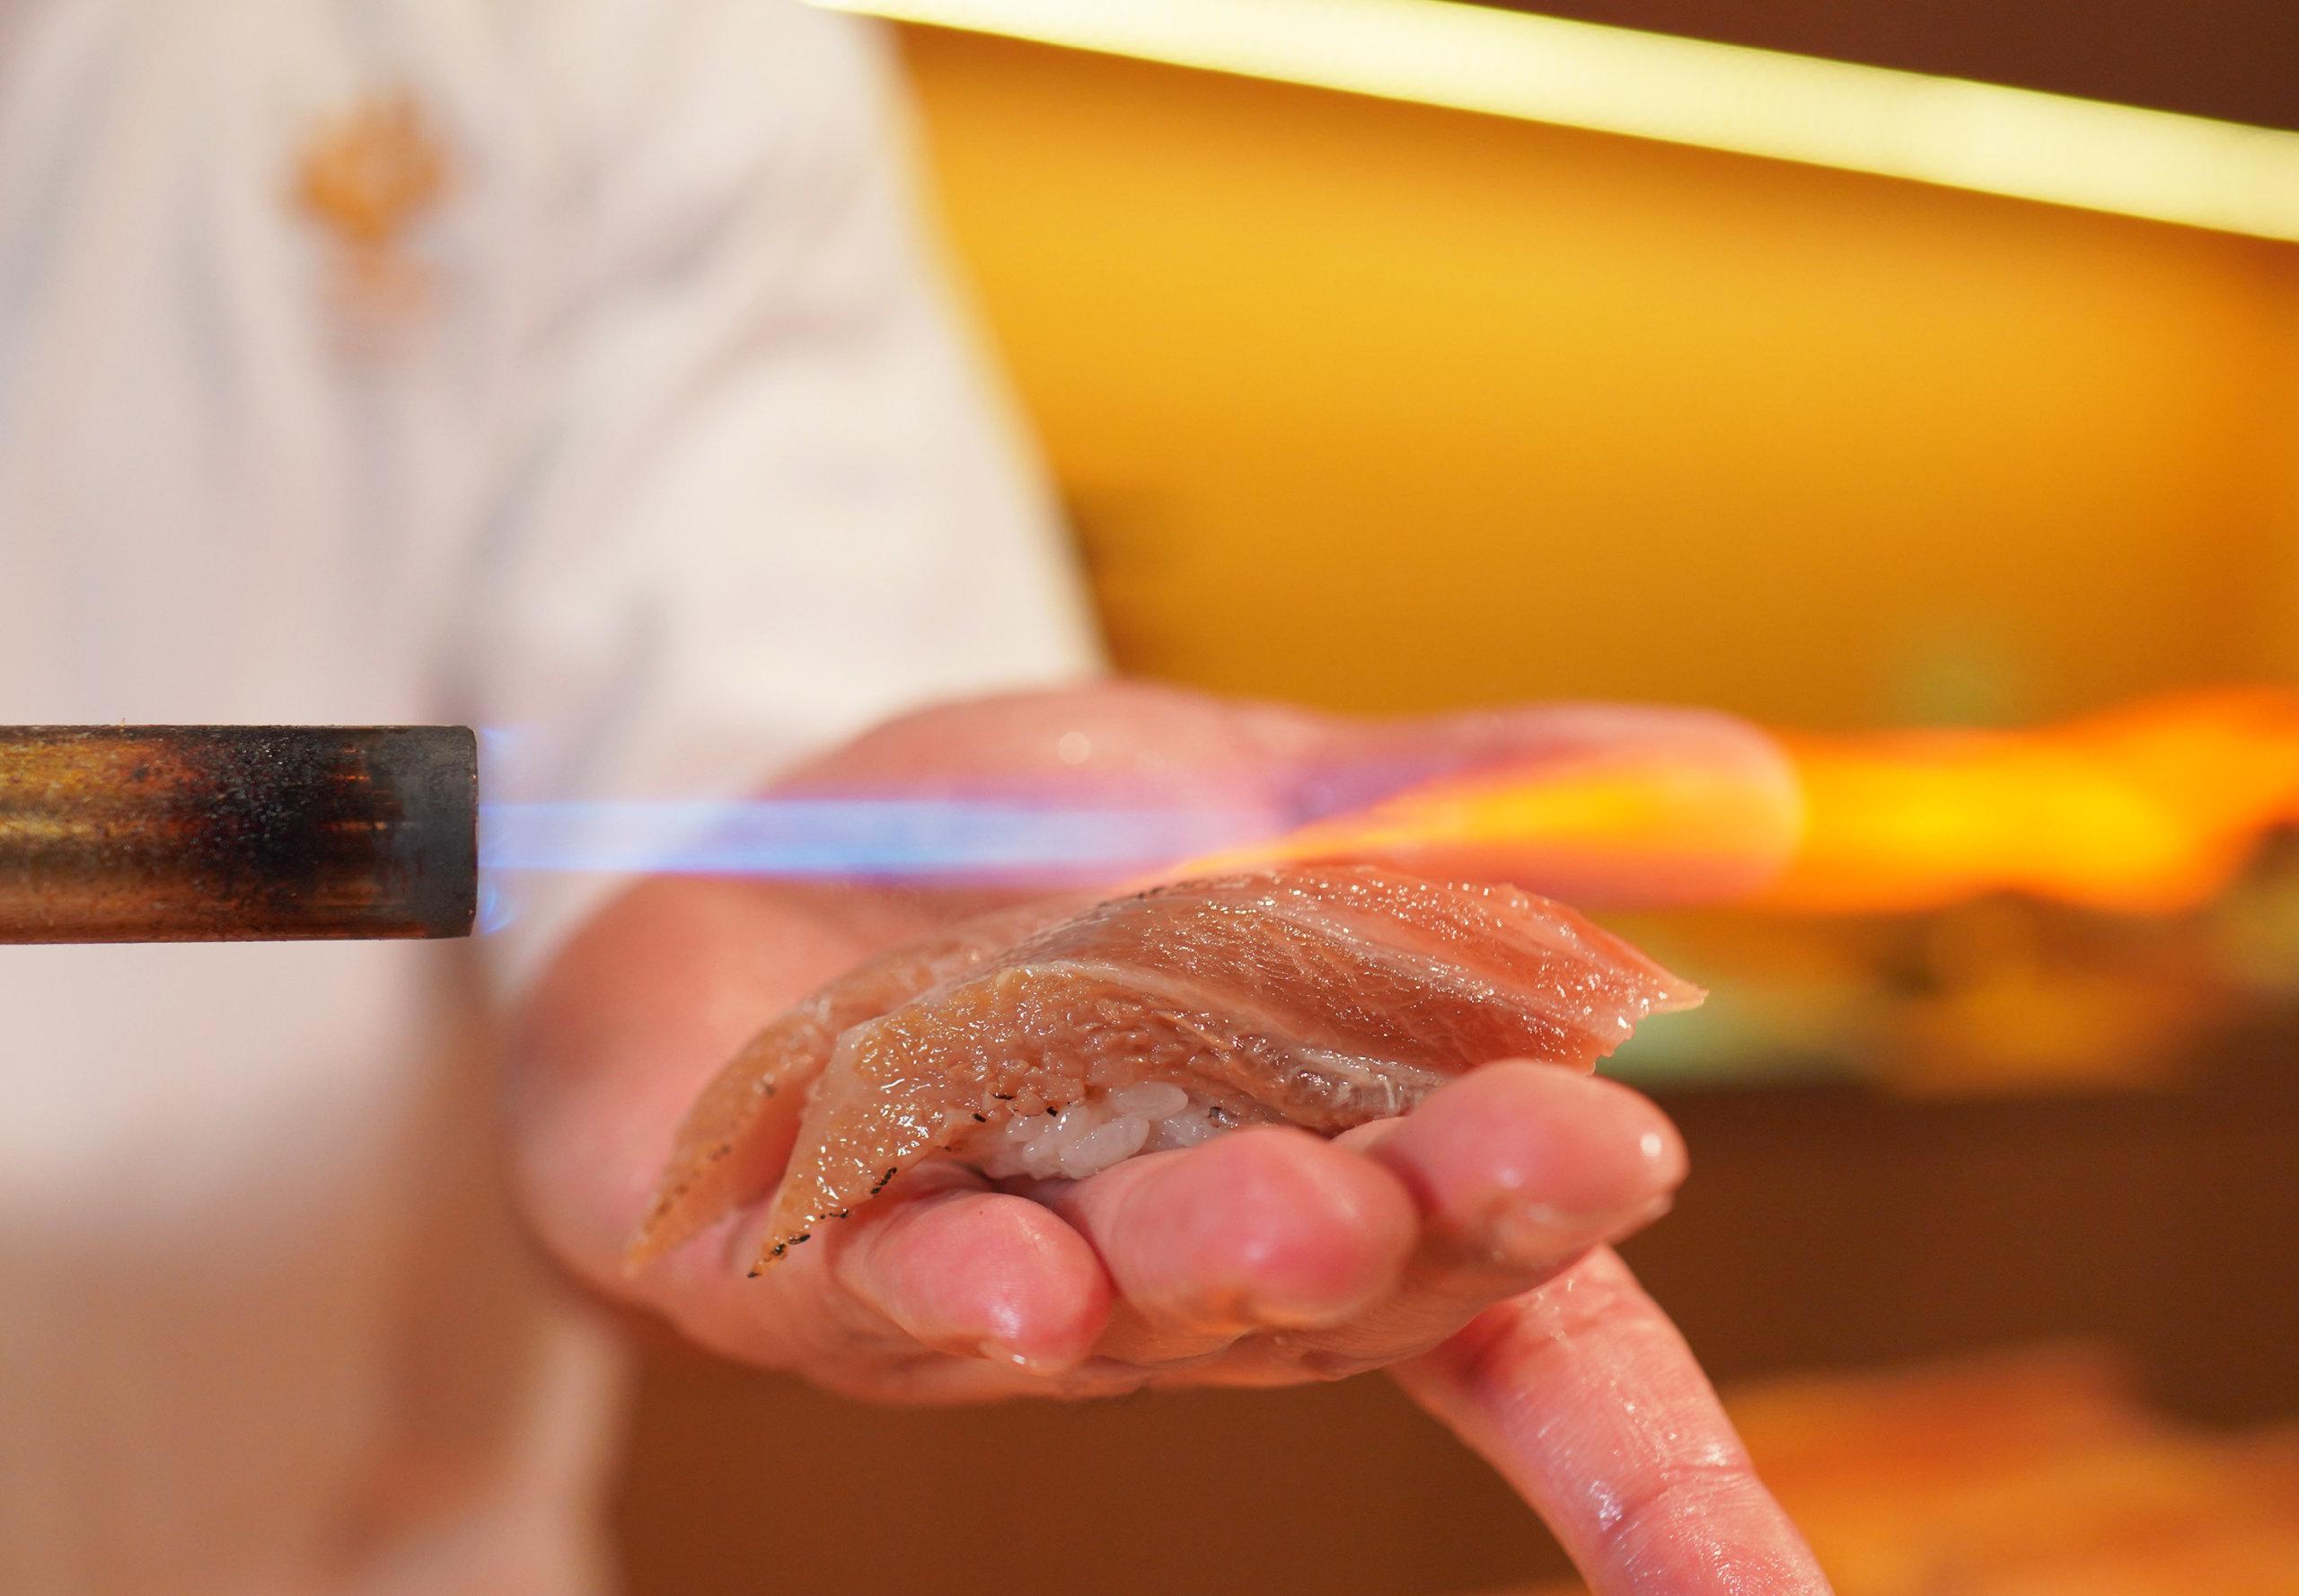 師傅將大拖羅壽司放在手掌上炙燒,功夫神乎其技。